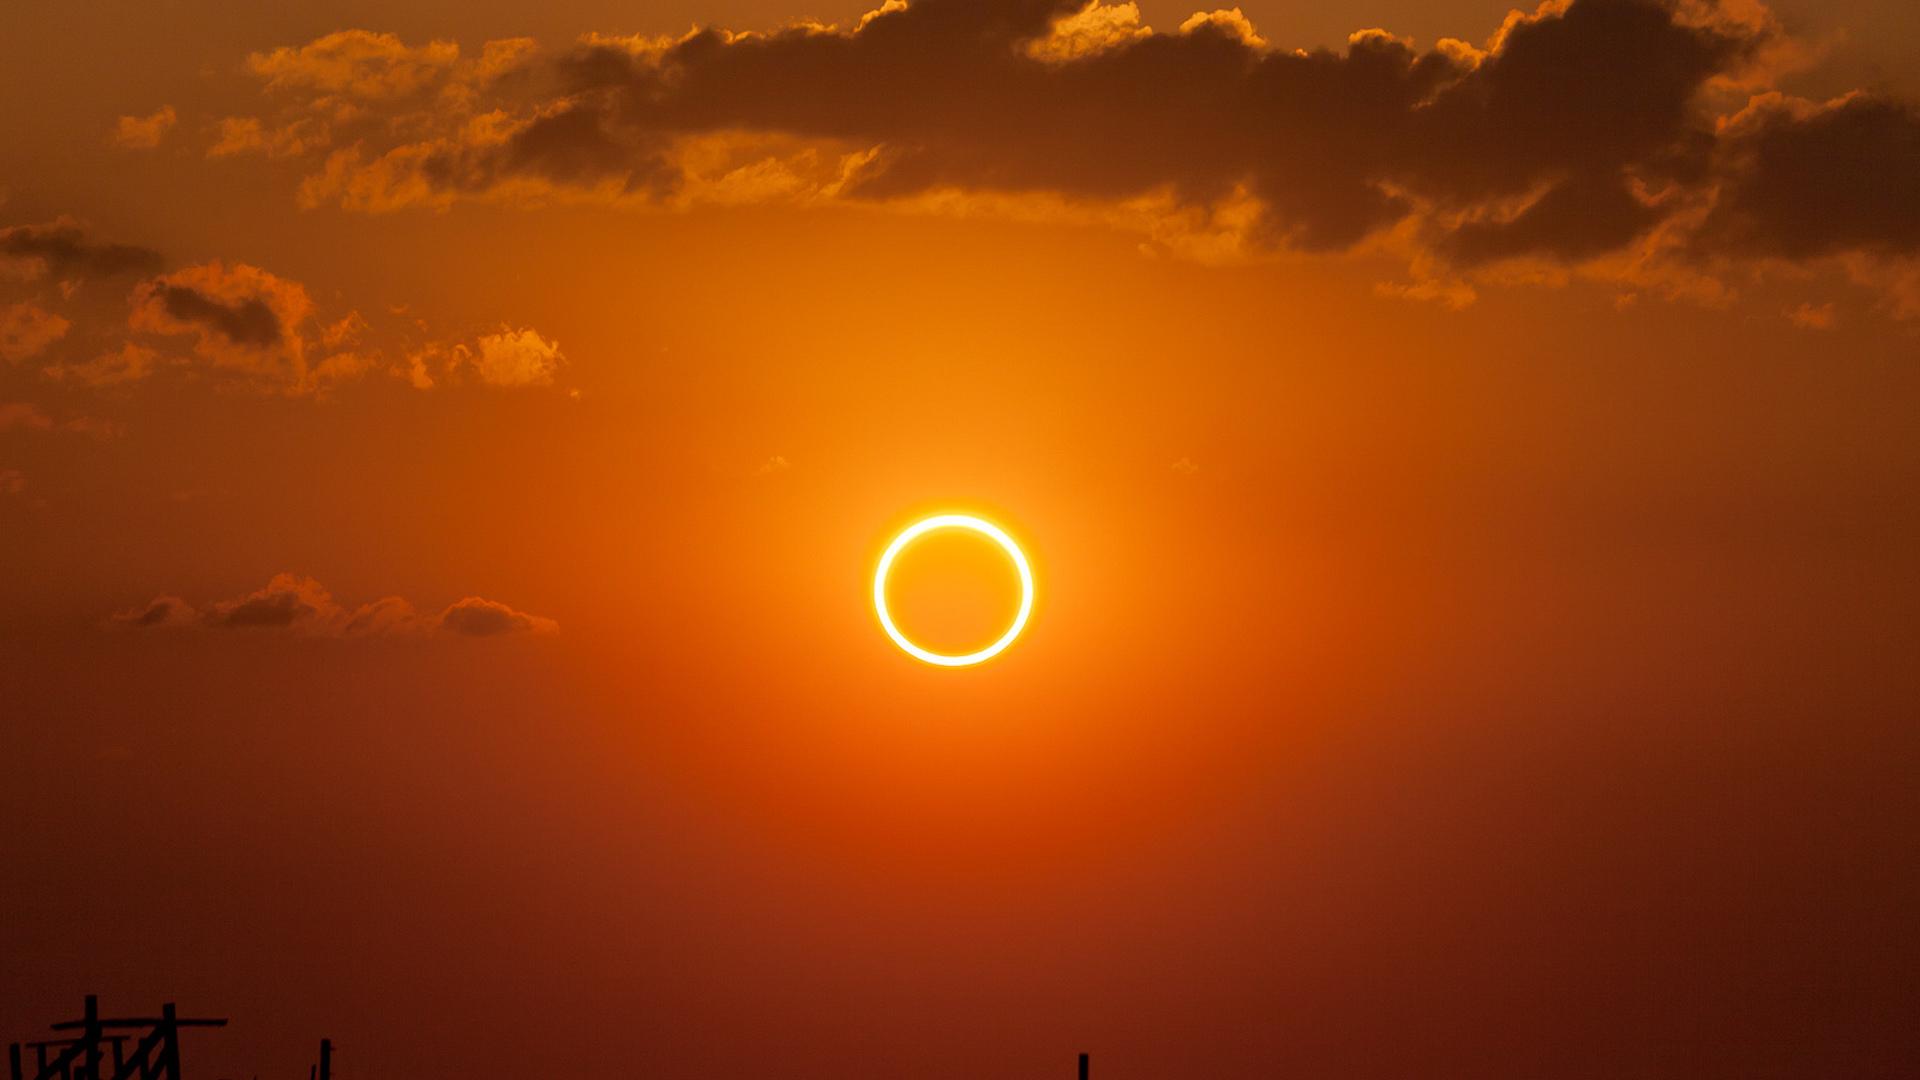 Dónde ver el eclipse anular de sol del 26 de diciembre de 2019 — Conocedores.com